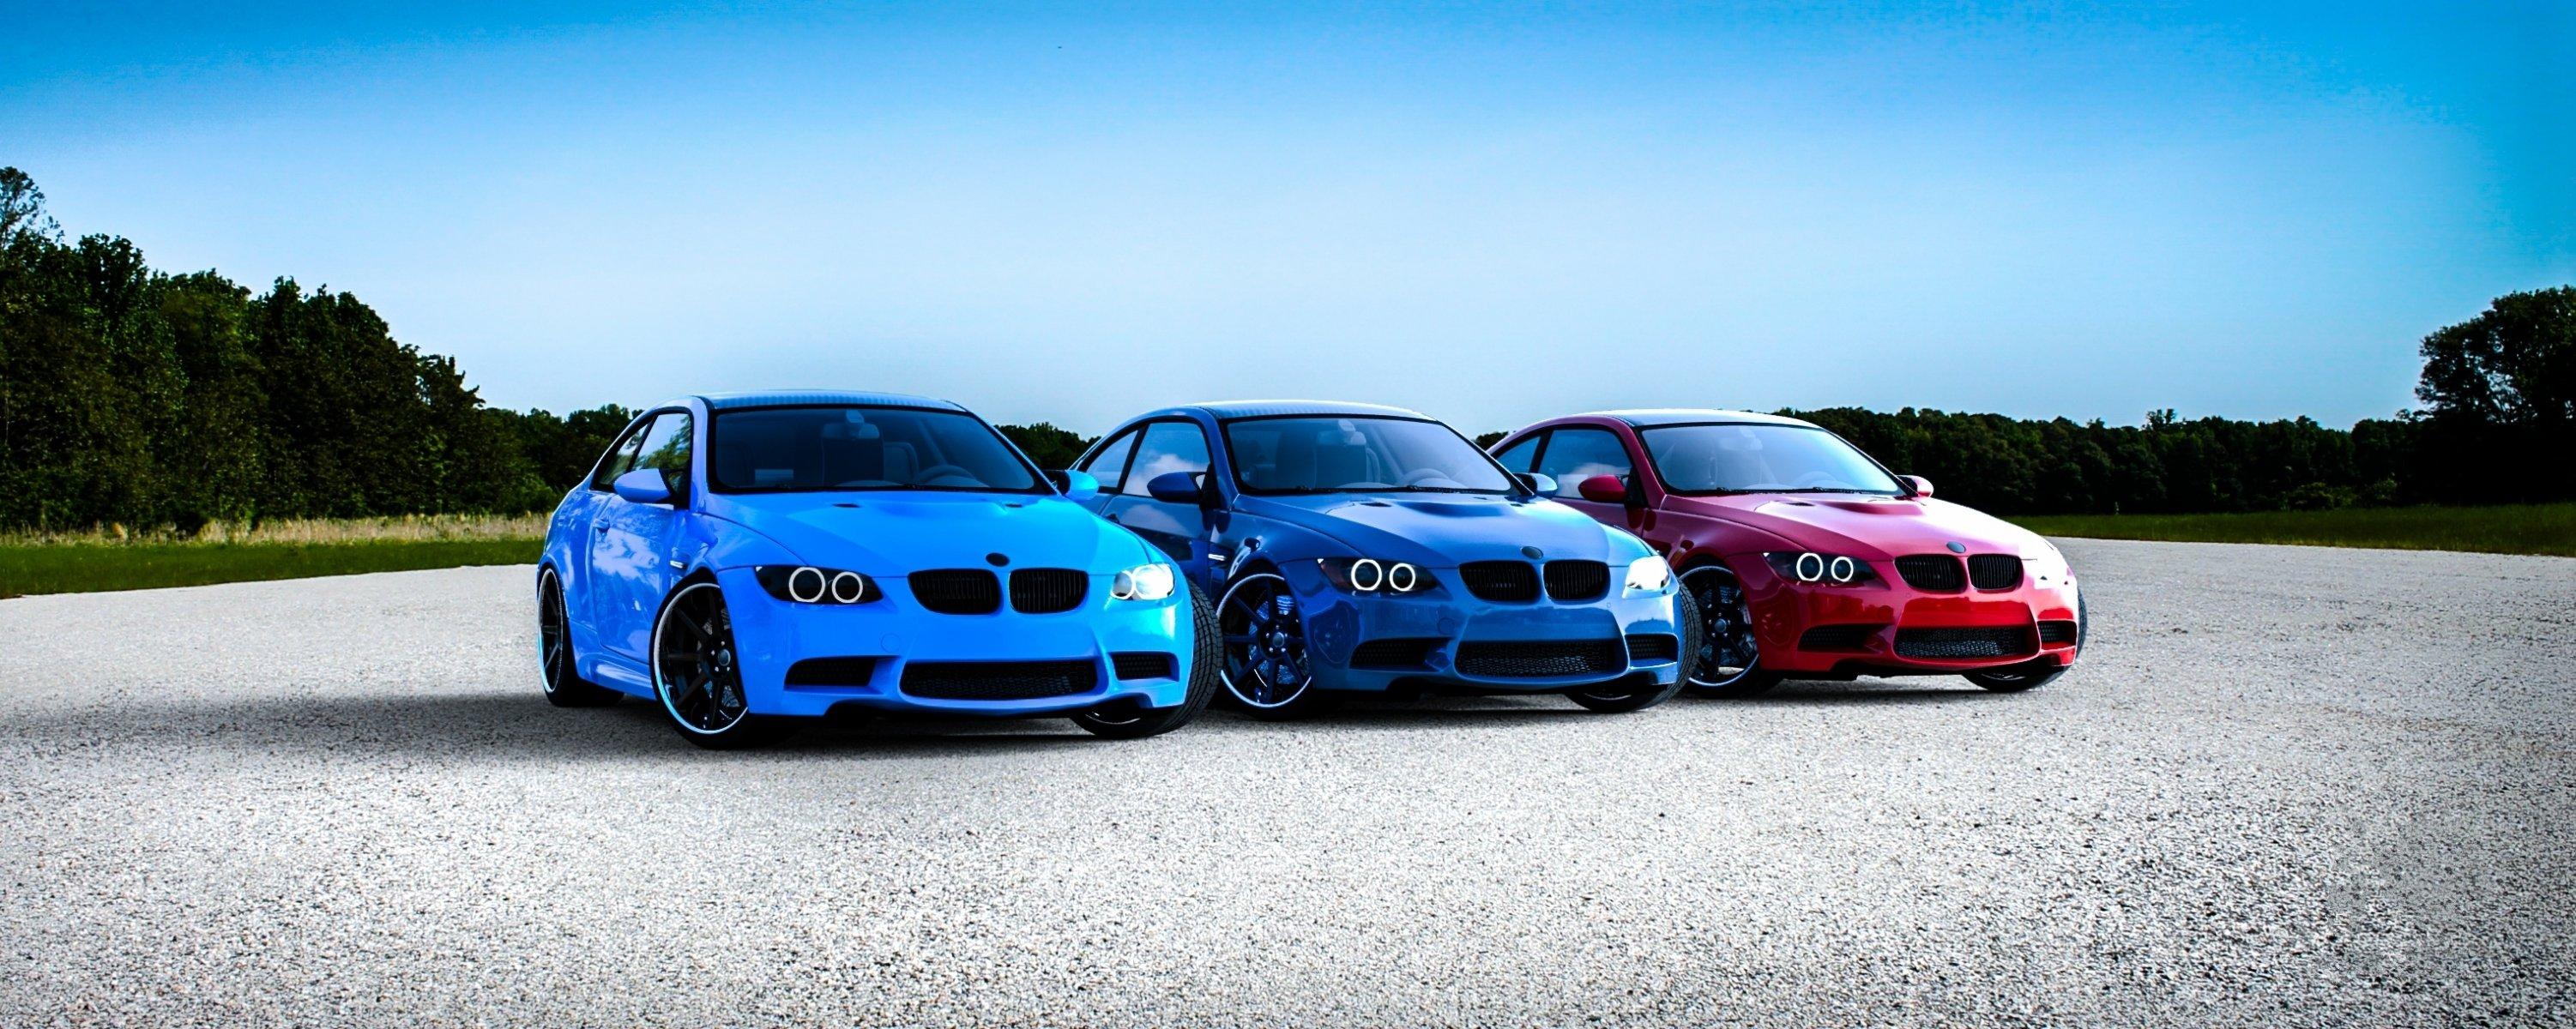 синий автомобиль BMW E92 M3 скачать